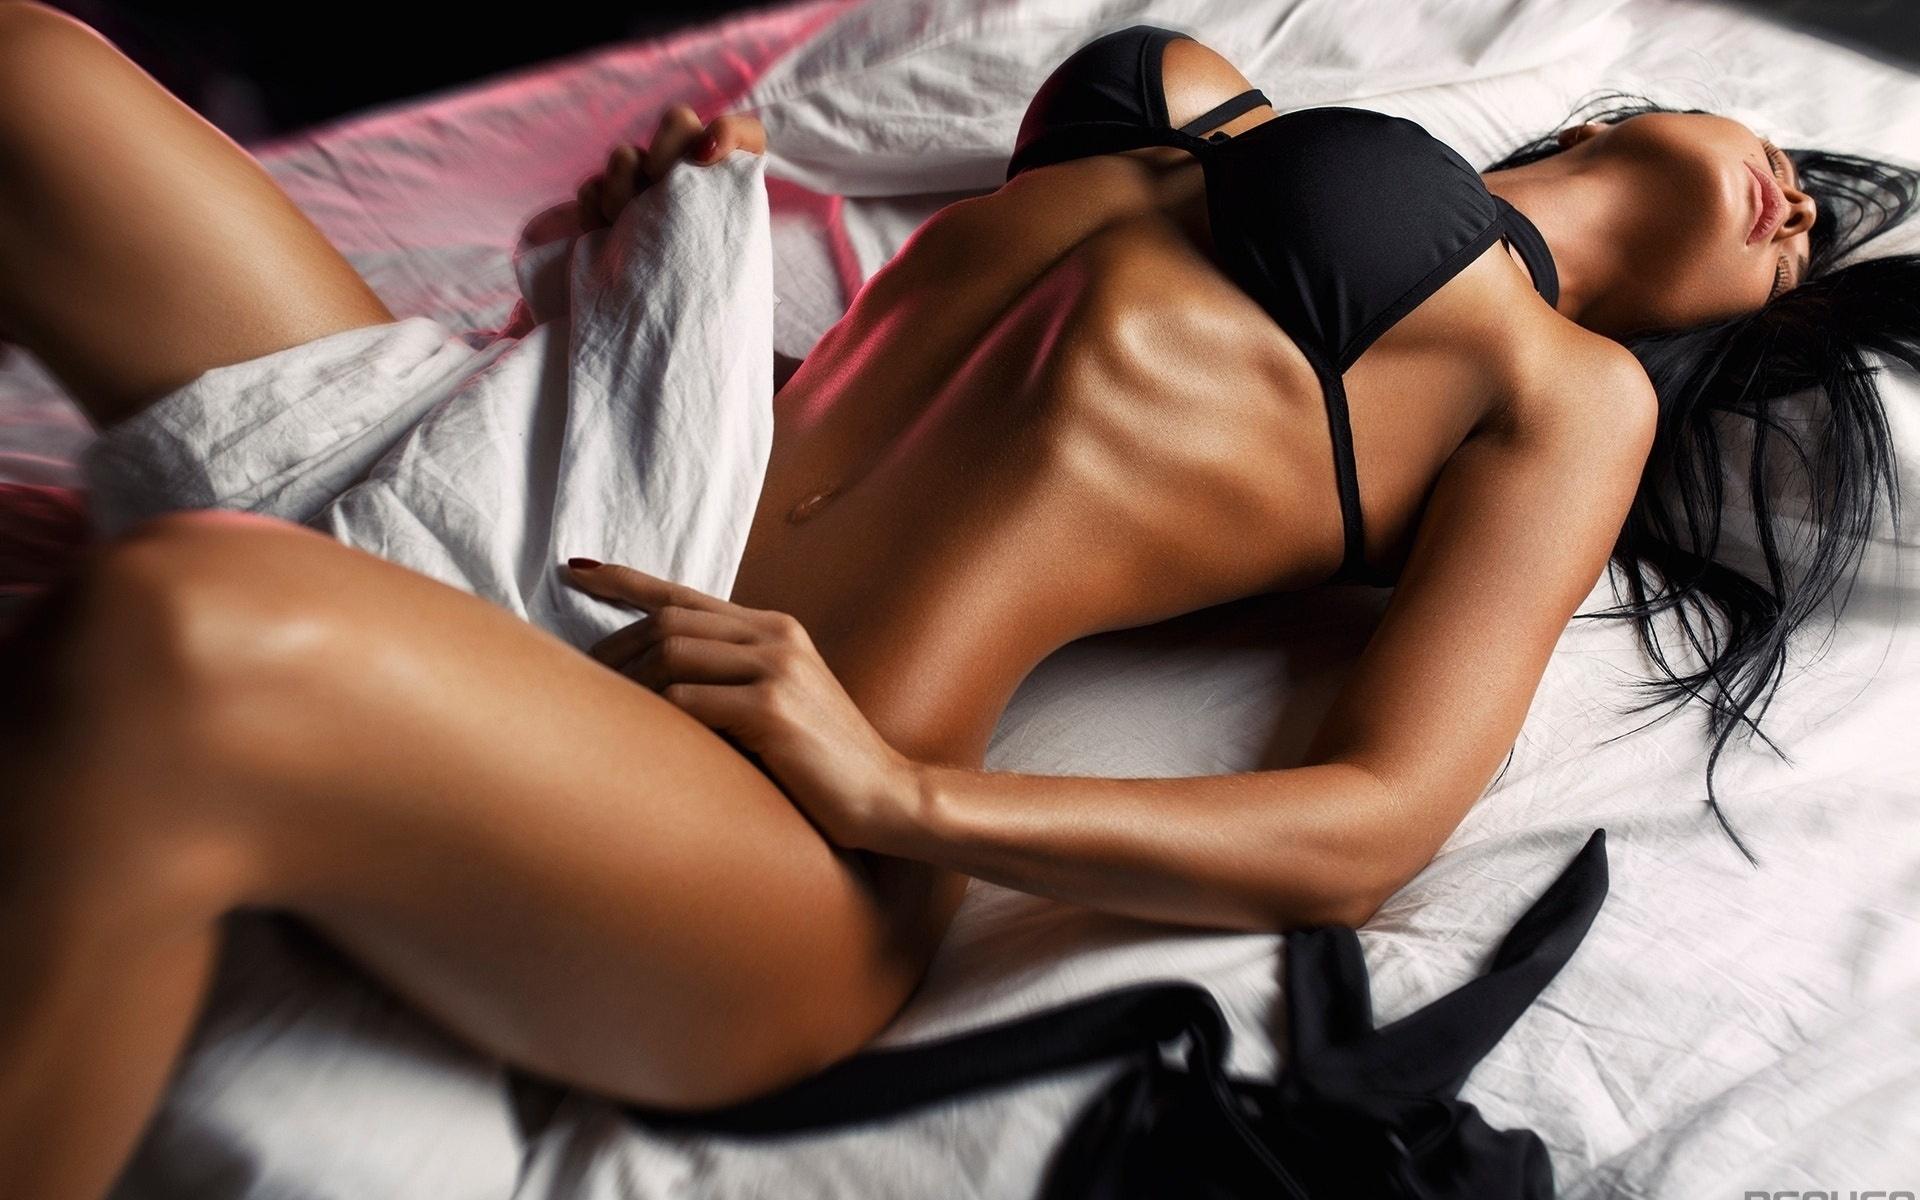 ura pechen, photographer, девушка, брюнетка, поза, модель, секси, белье, грудь, российская, фотомодель, тамила теплицкая